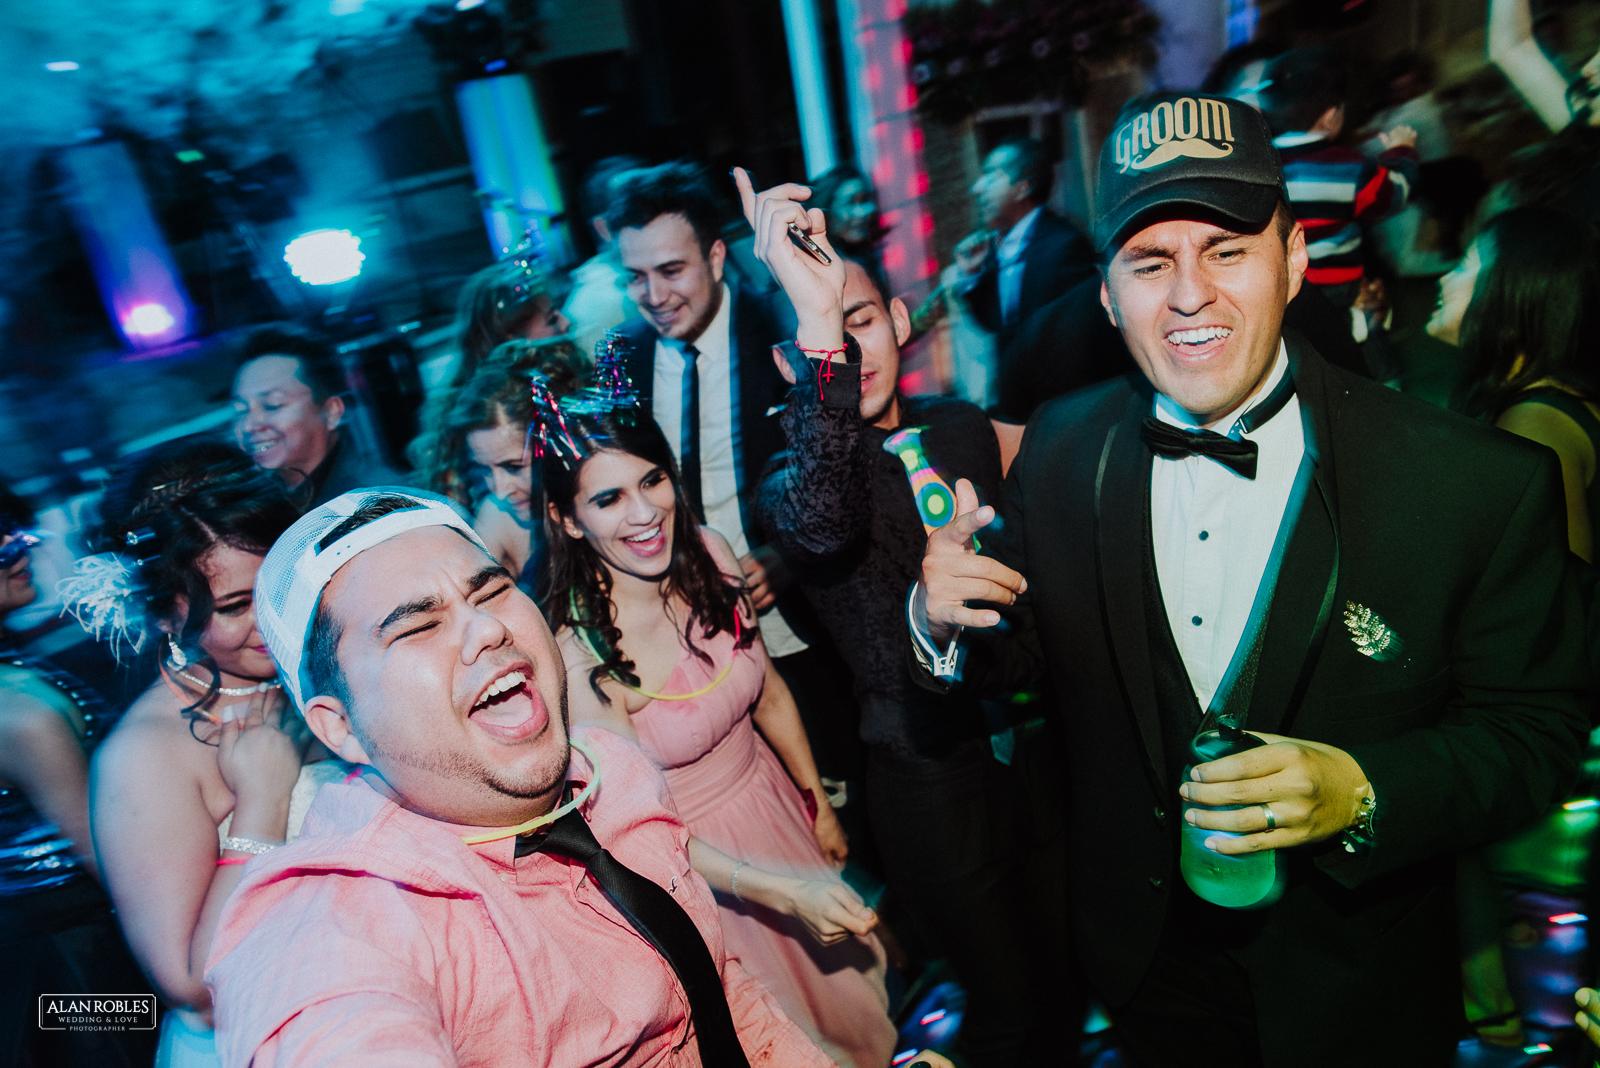 Fotografo de bodas Alan Robles-Michoacan-78